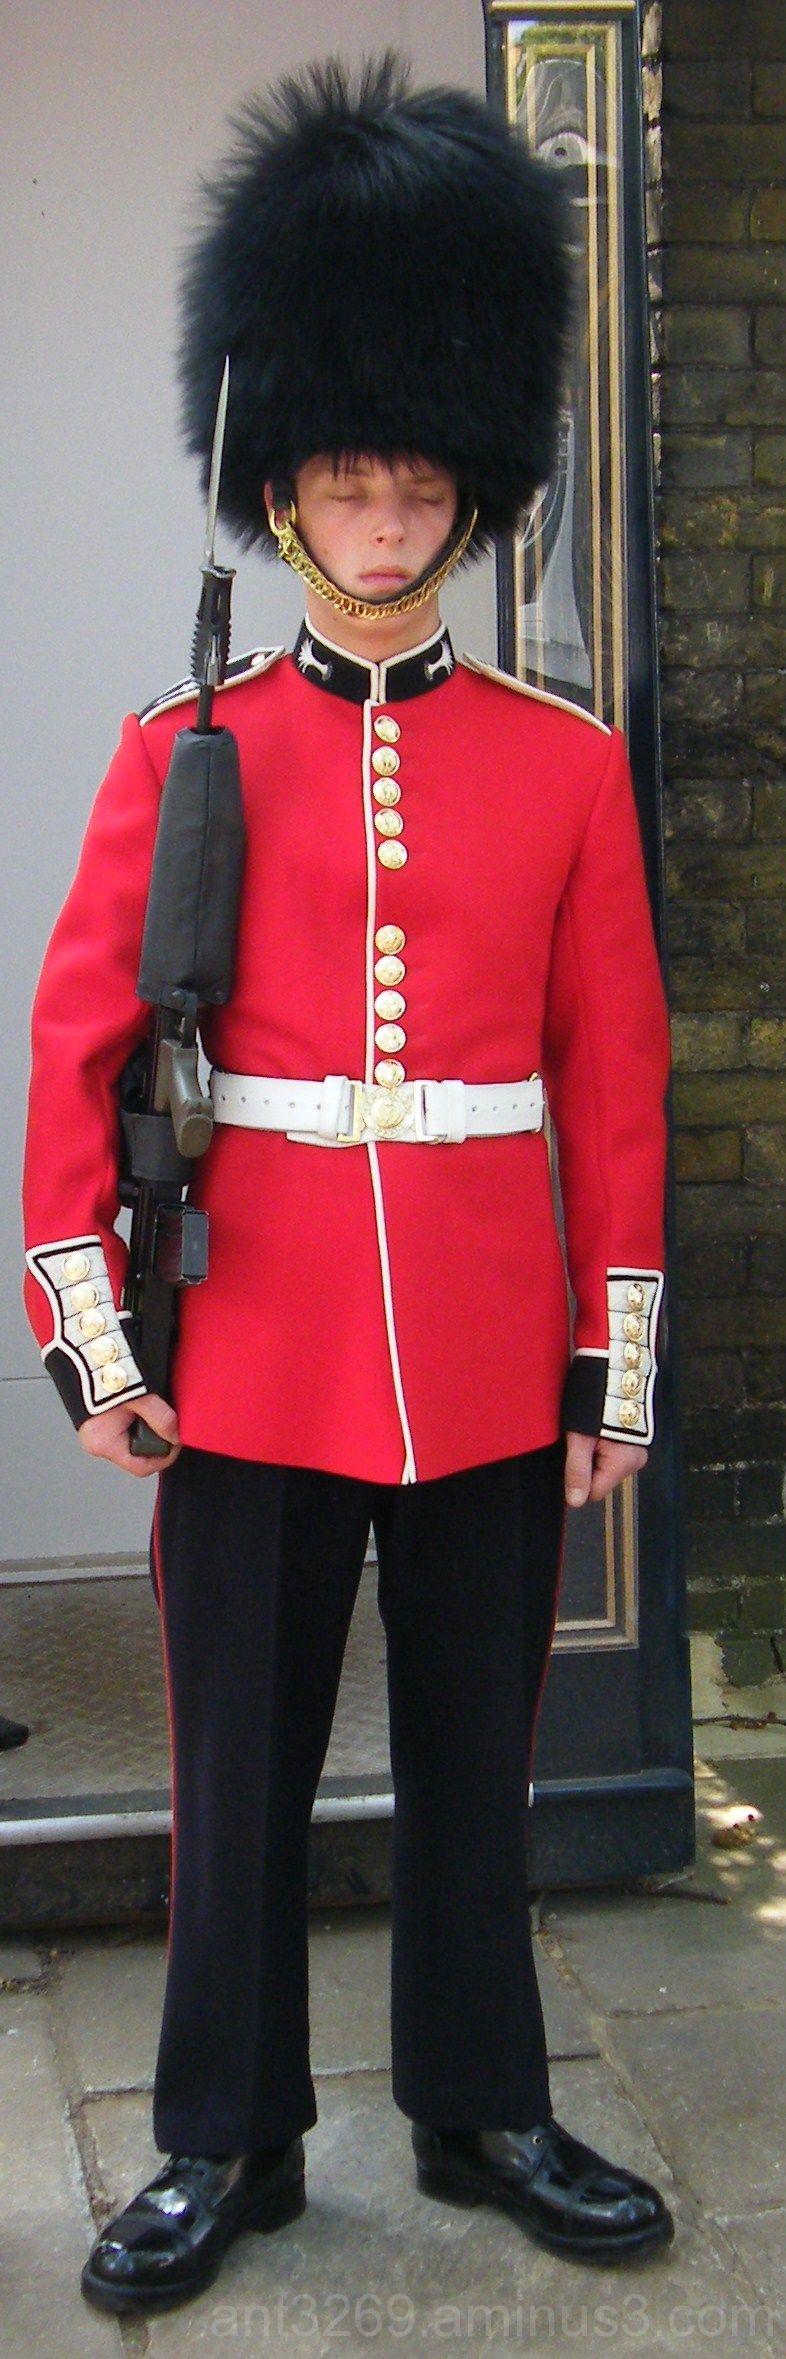 Snoozing Guardsman